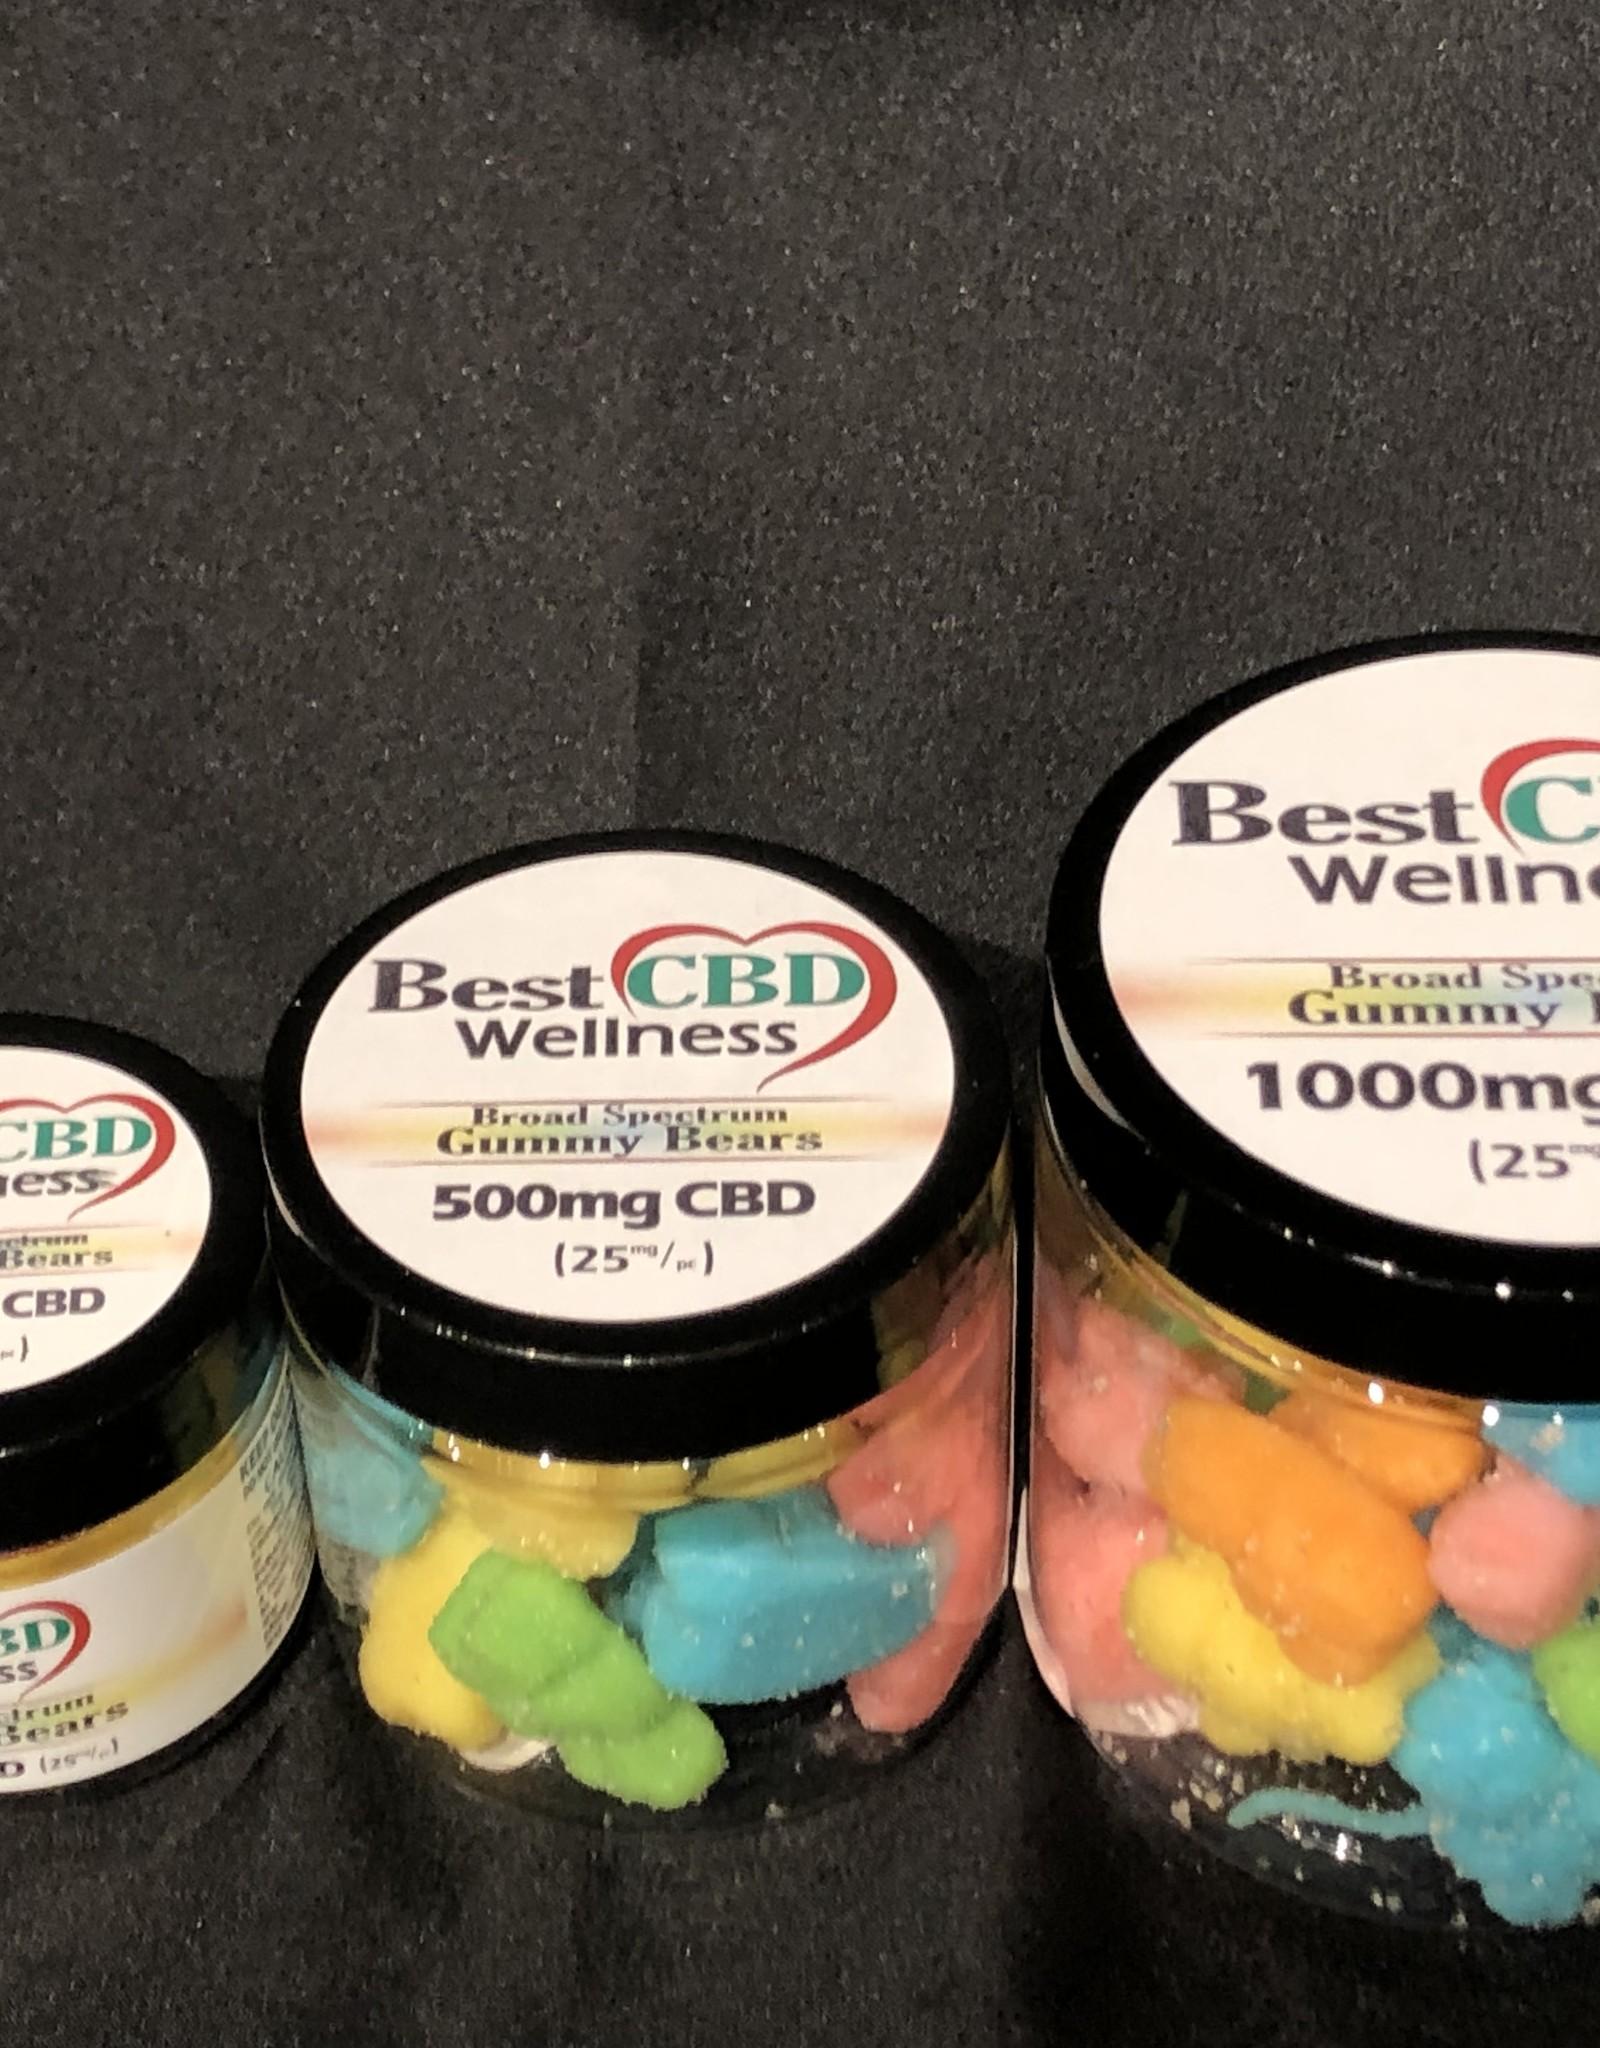 Best CBD Wellness Broad Spectrum CBD Gummies 500mg 25mg /20ct